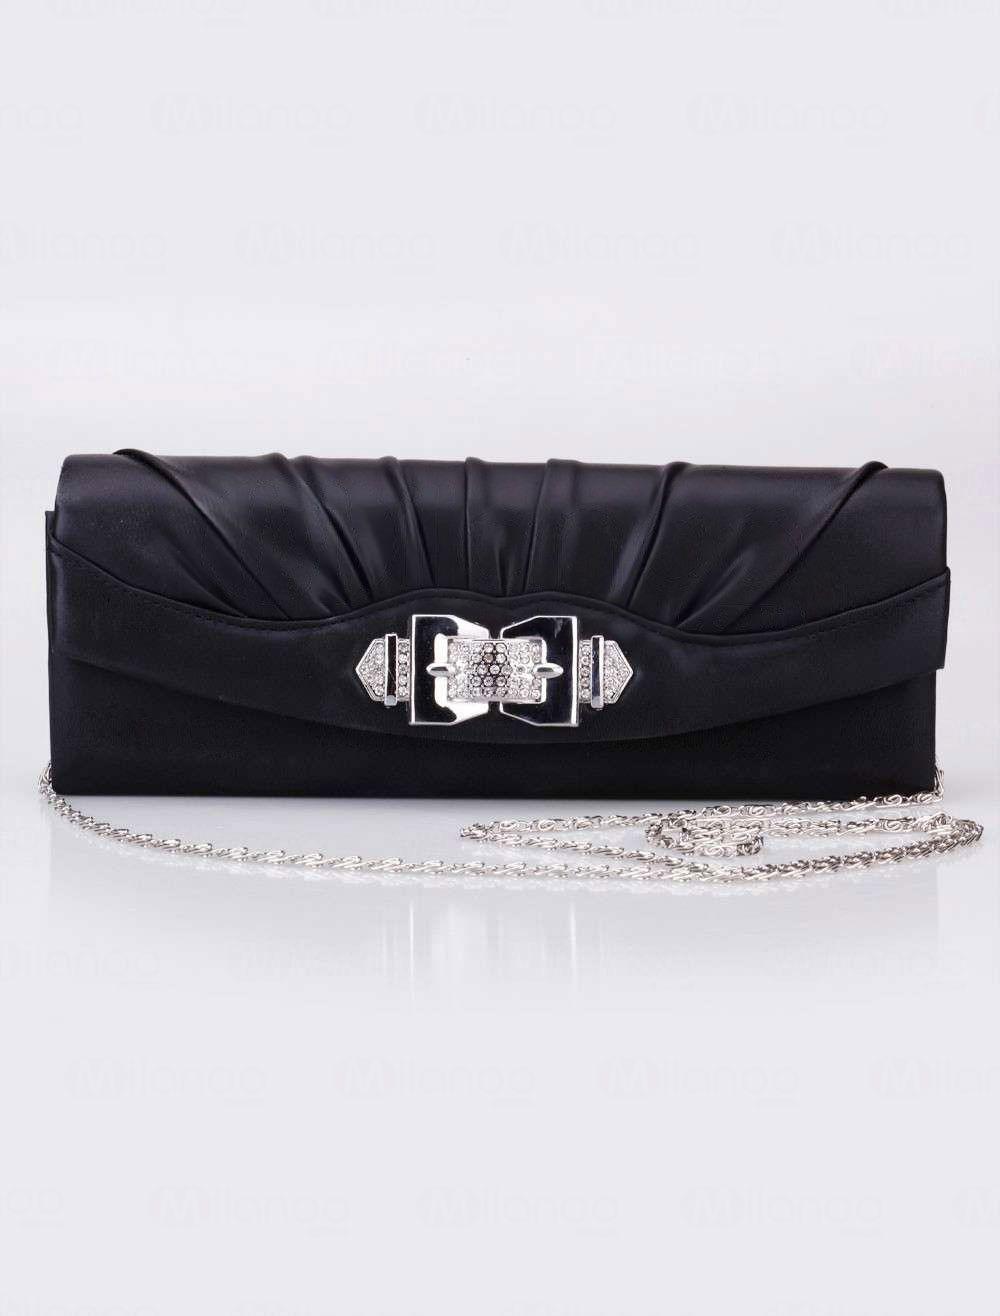 25*9cm Luxury PU Special Occasion Handbag For Bride  - Wedding Handbags - Wedding